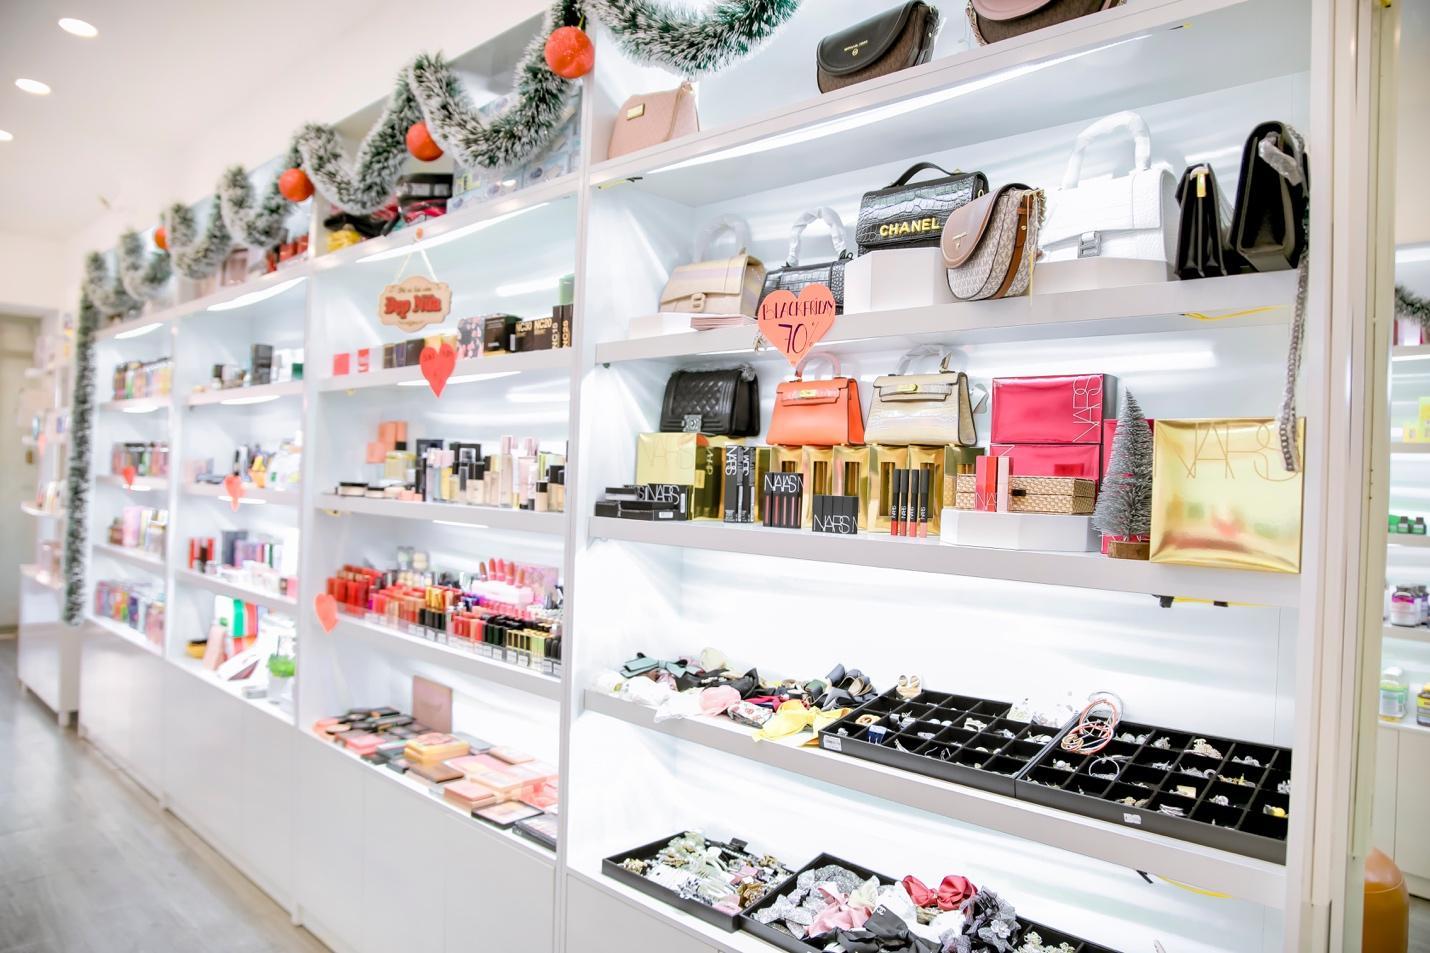 Trần Phi Yến Store – Shop thời trang, mỹ phẩm quen thuộc của phái đẹp Đồng Nai - Ảnh 1